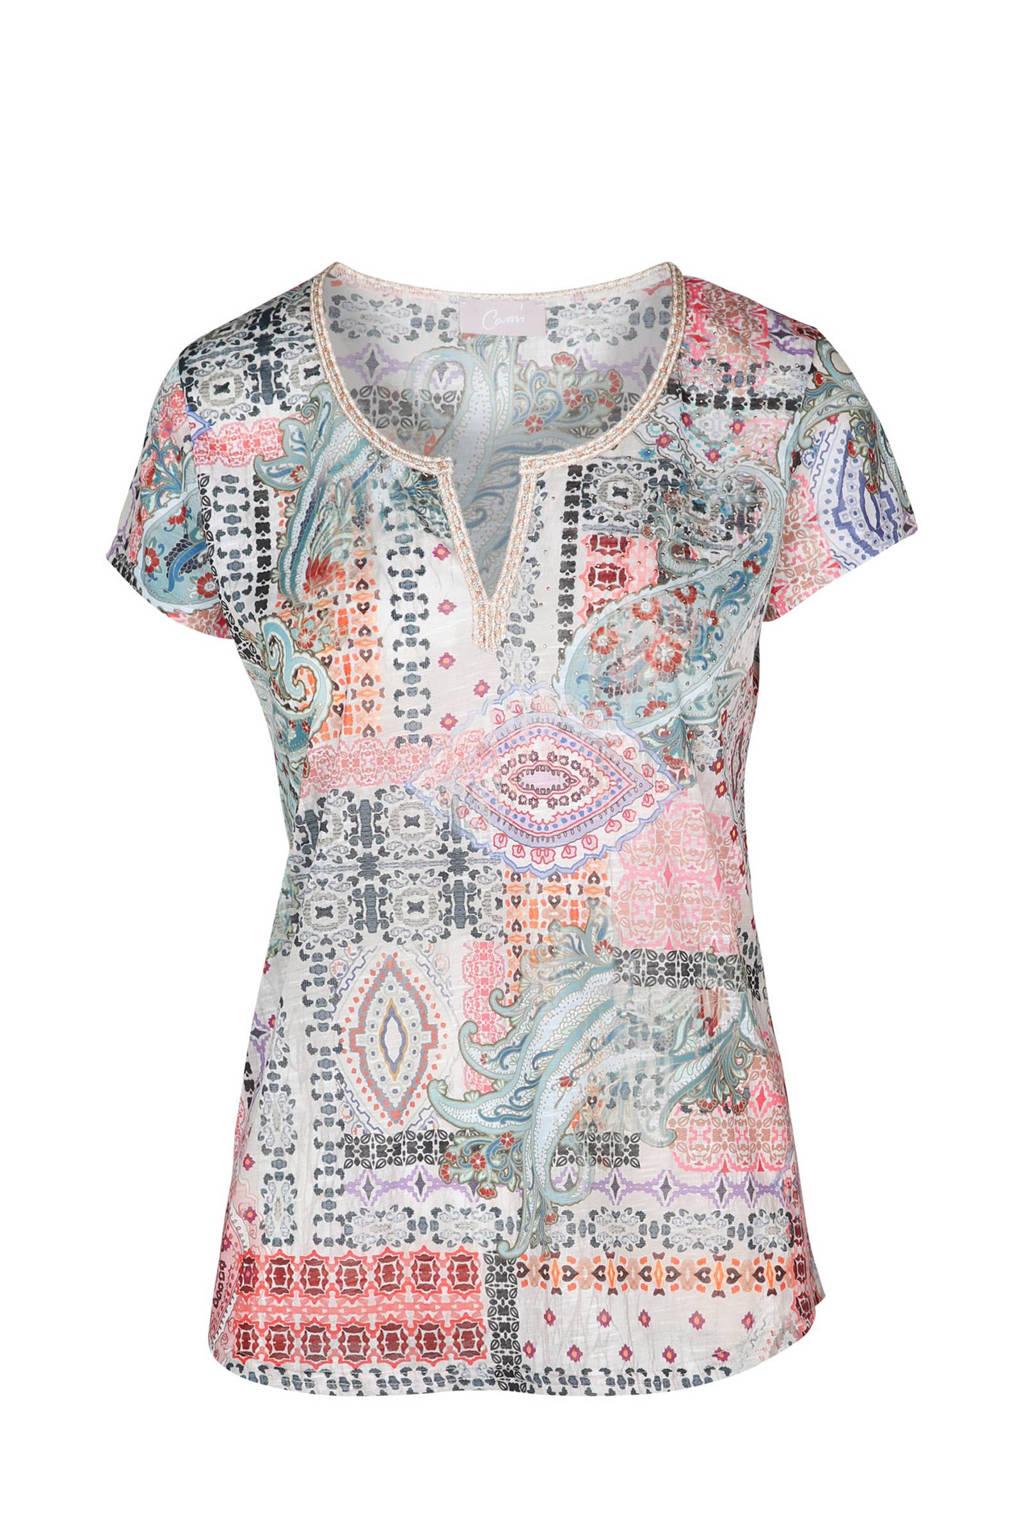 Cassis T-shirt met all over print, Ecru/grijsgroen/zalm